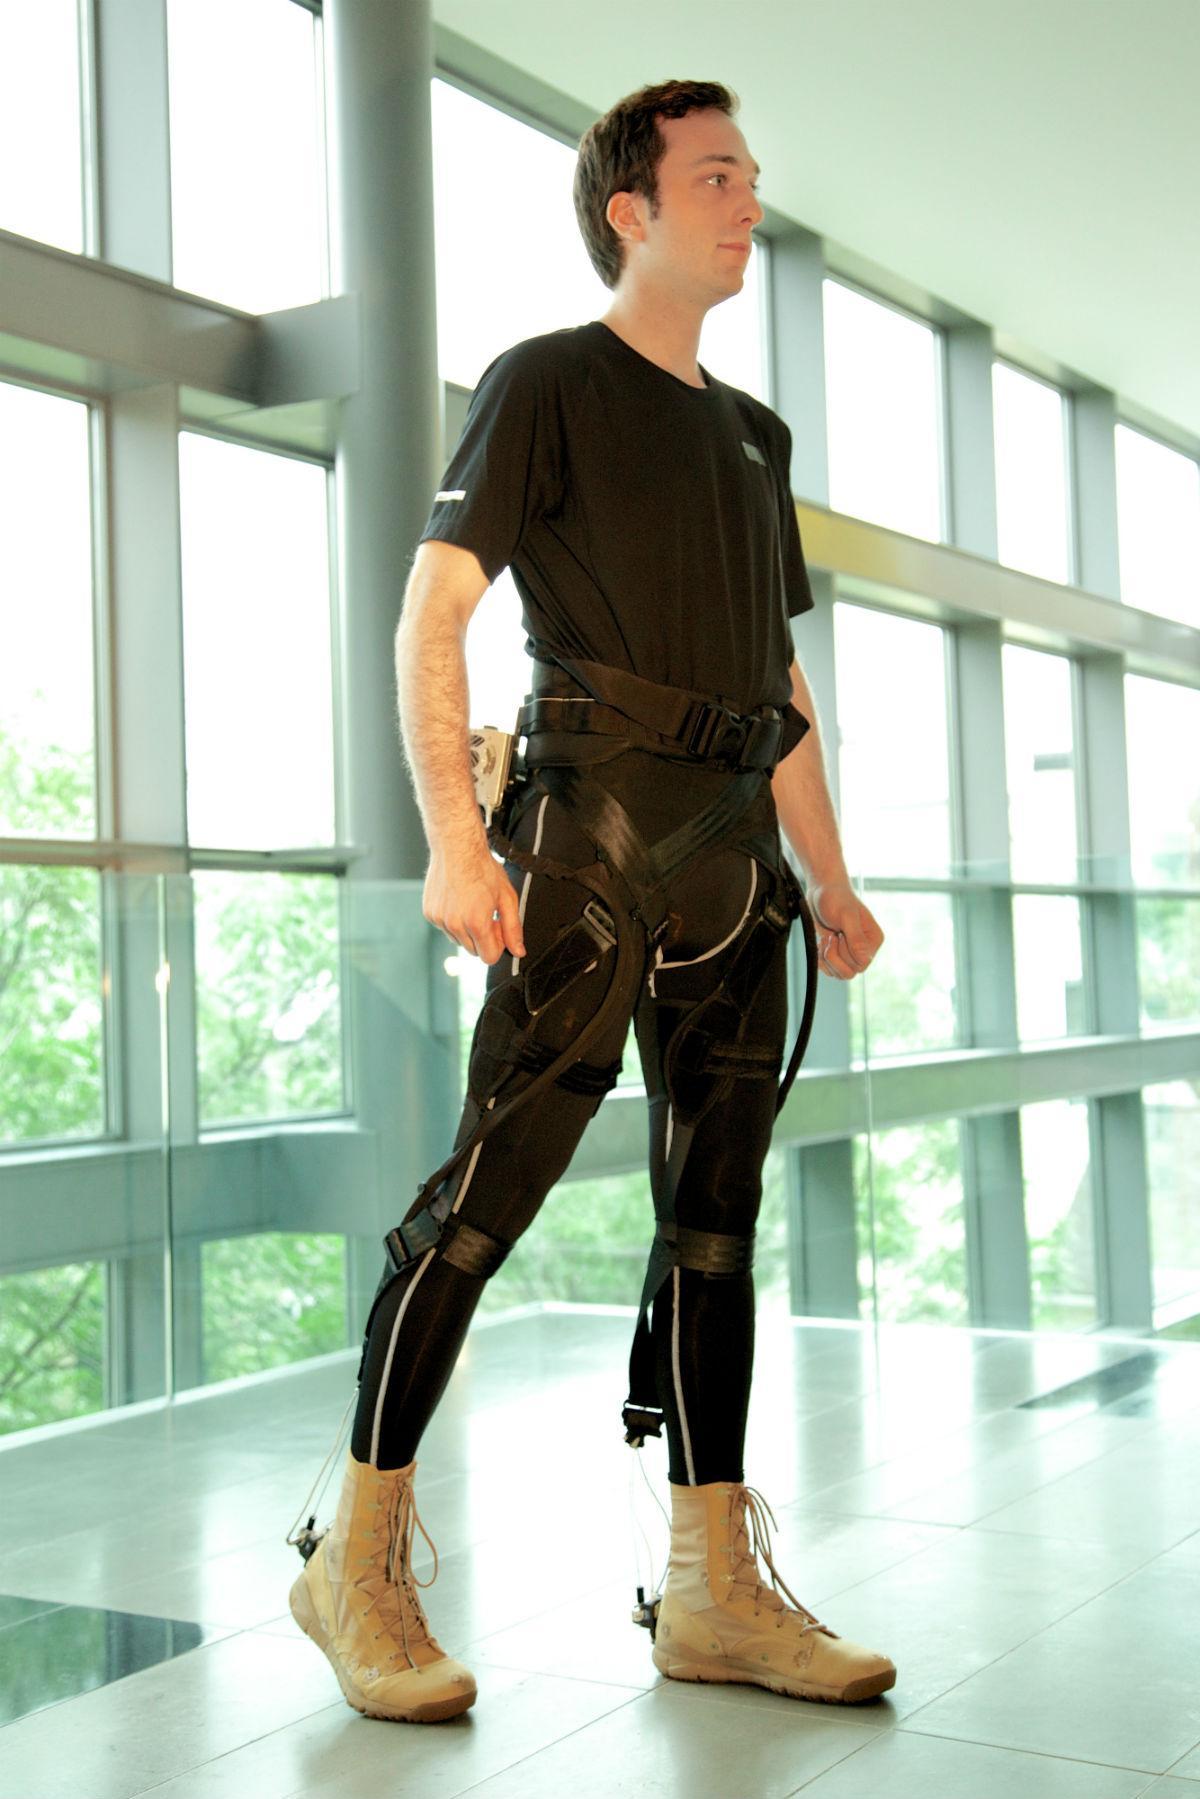 Новый мягкий экзоскелет поможет пациентам с ограниченной подвижностью ног